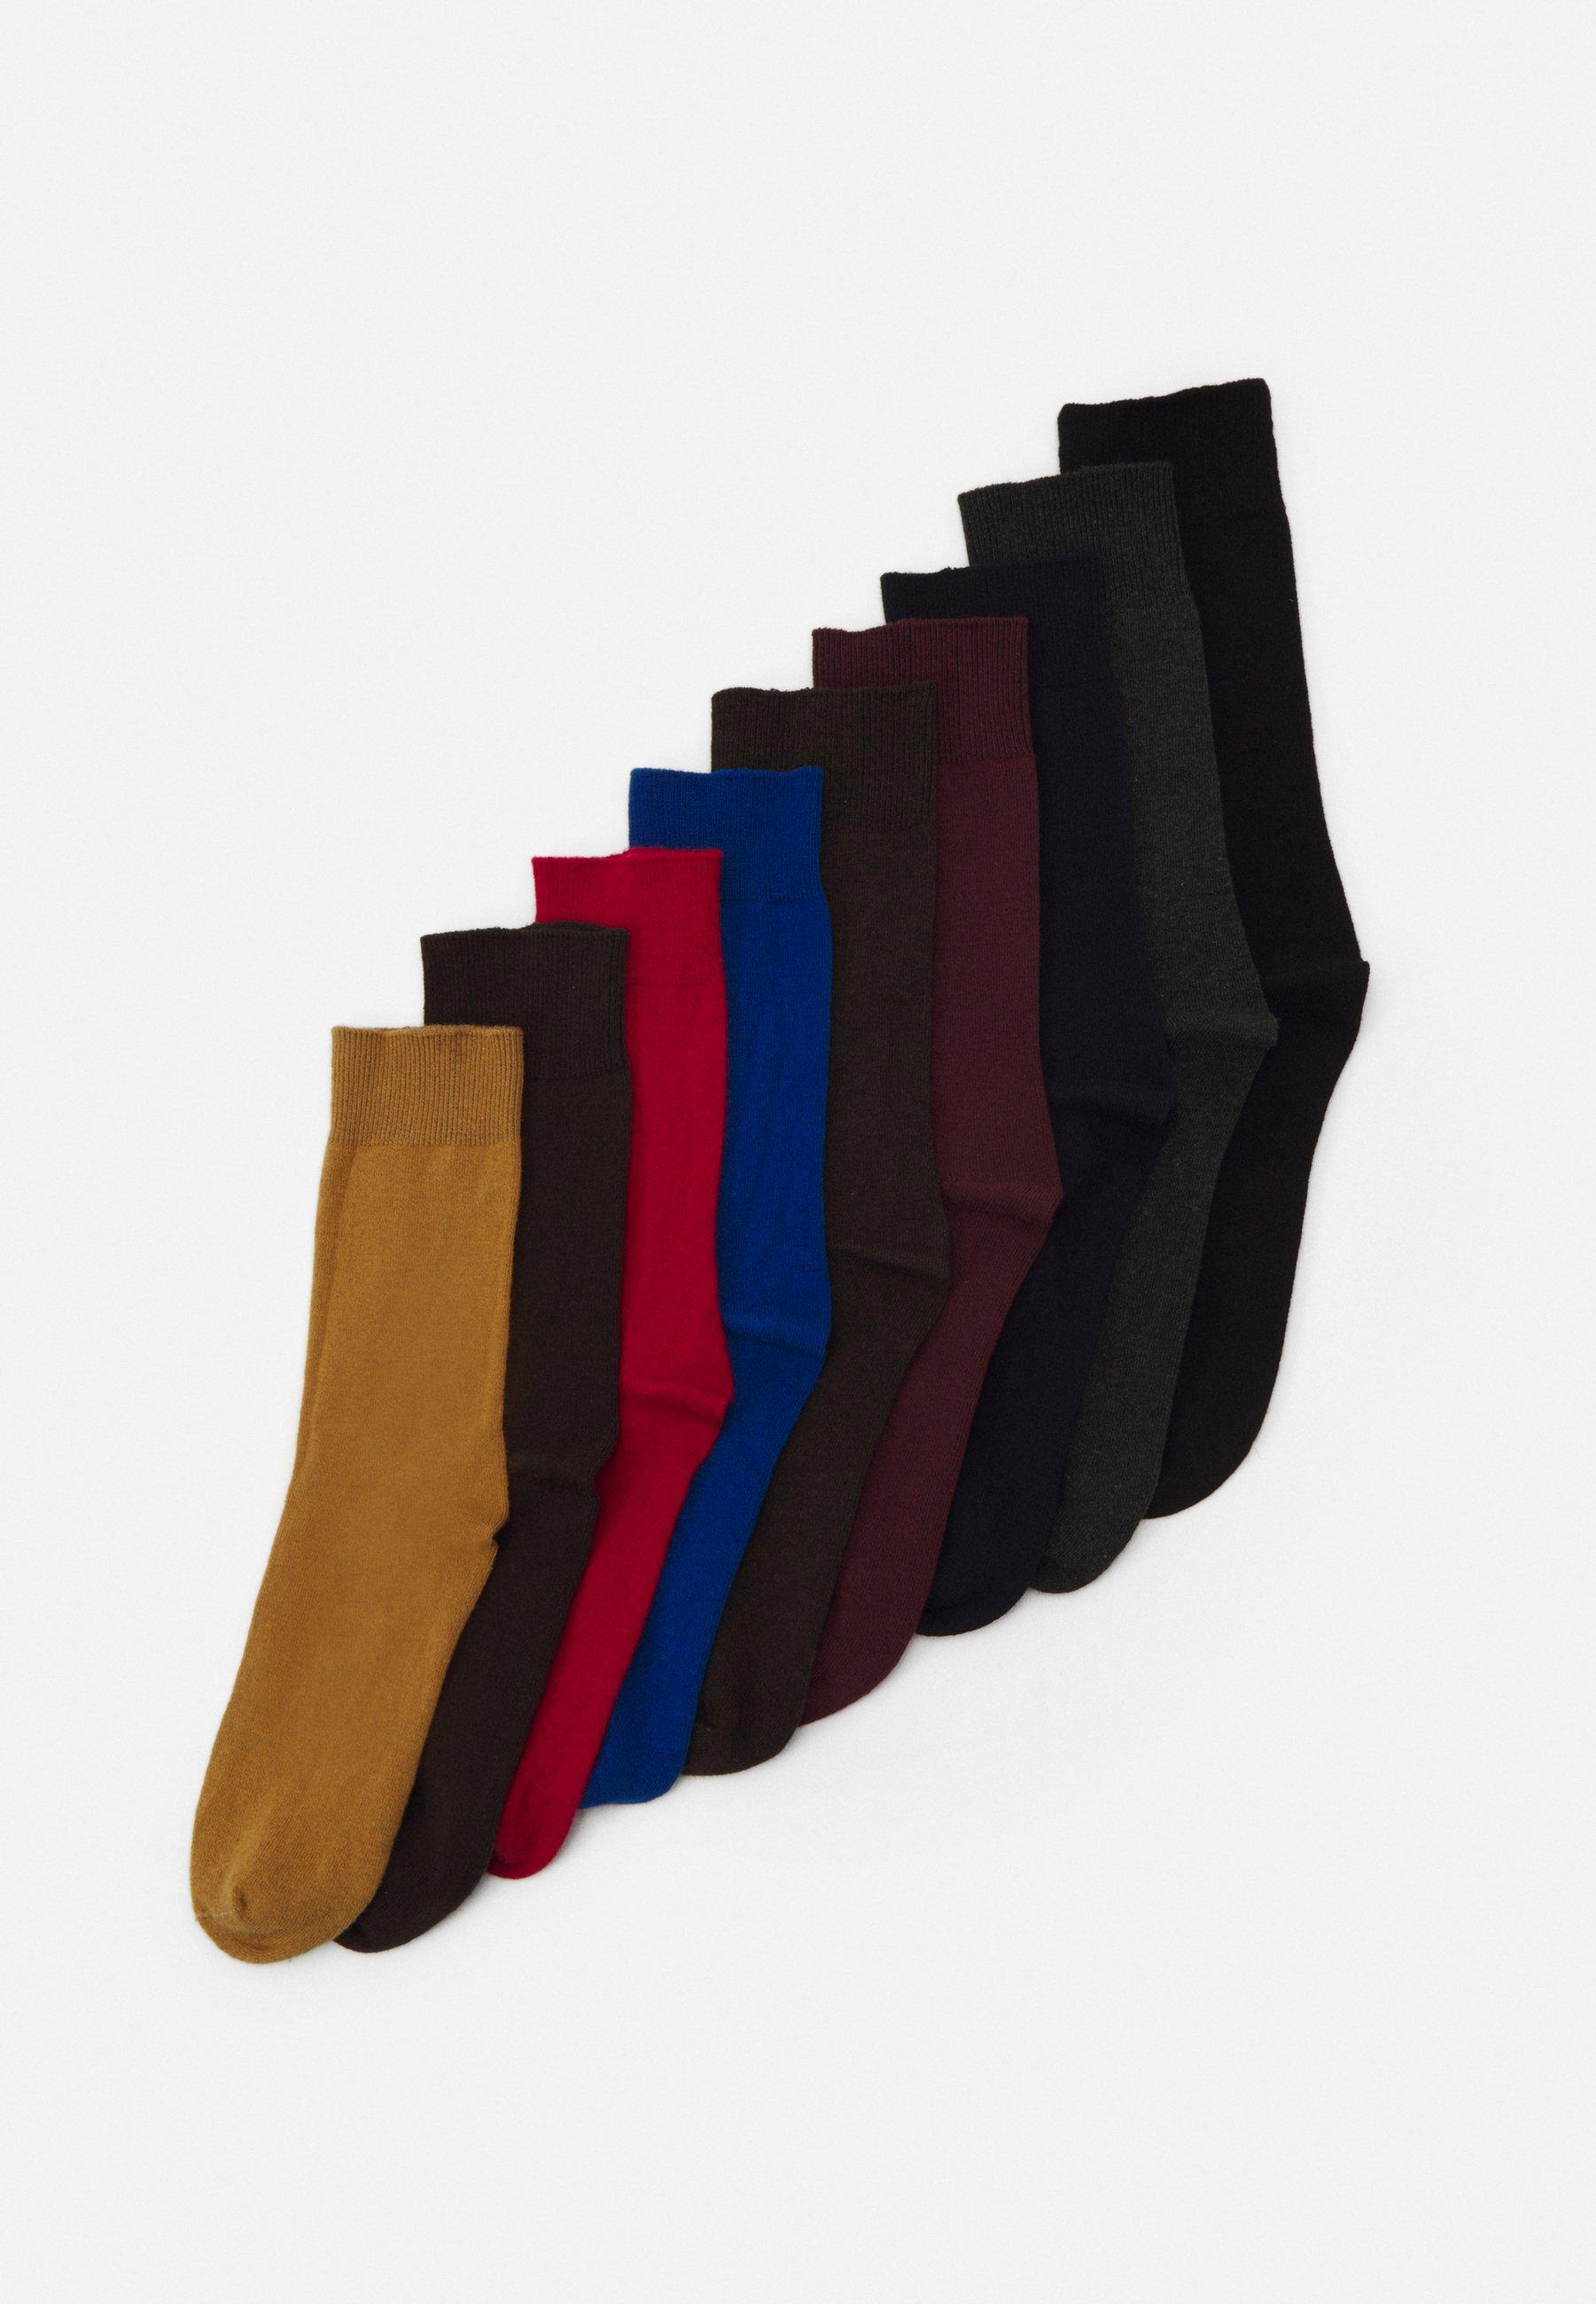 Herren ONLINE SOCKS 9 PACK UNISEX - Socken